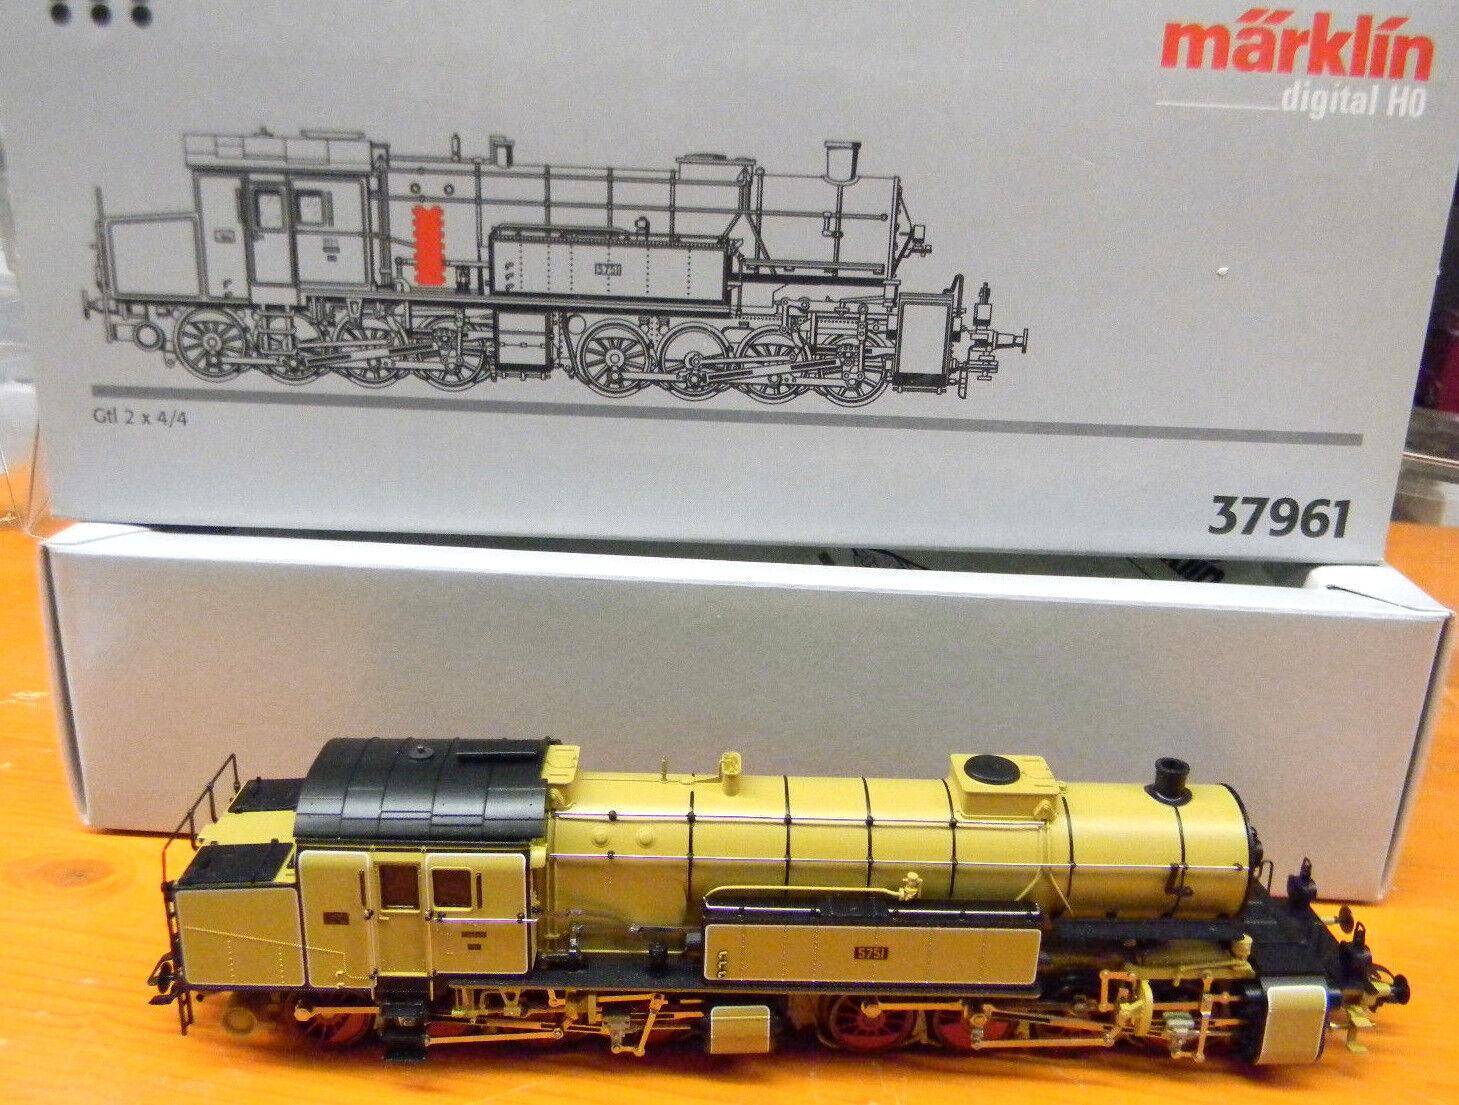 37961 Märklin H0 Dampflok Mallet Gtl 2x 4 4 Digital OVP loco HO 1 87 Modellltrain